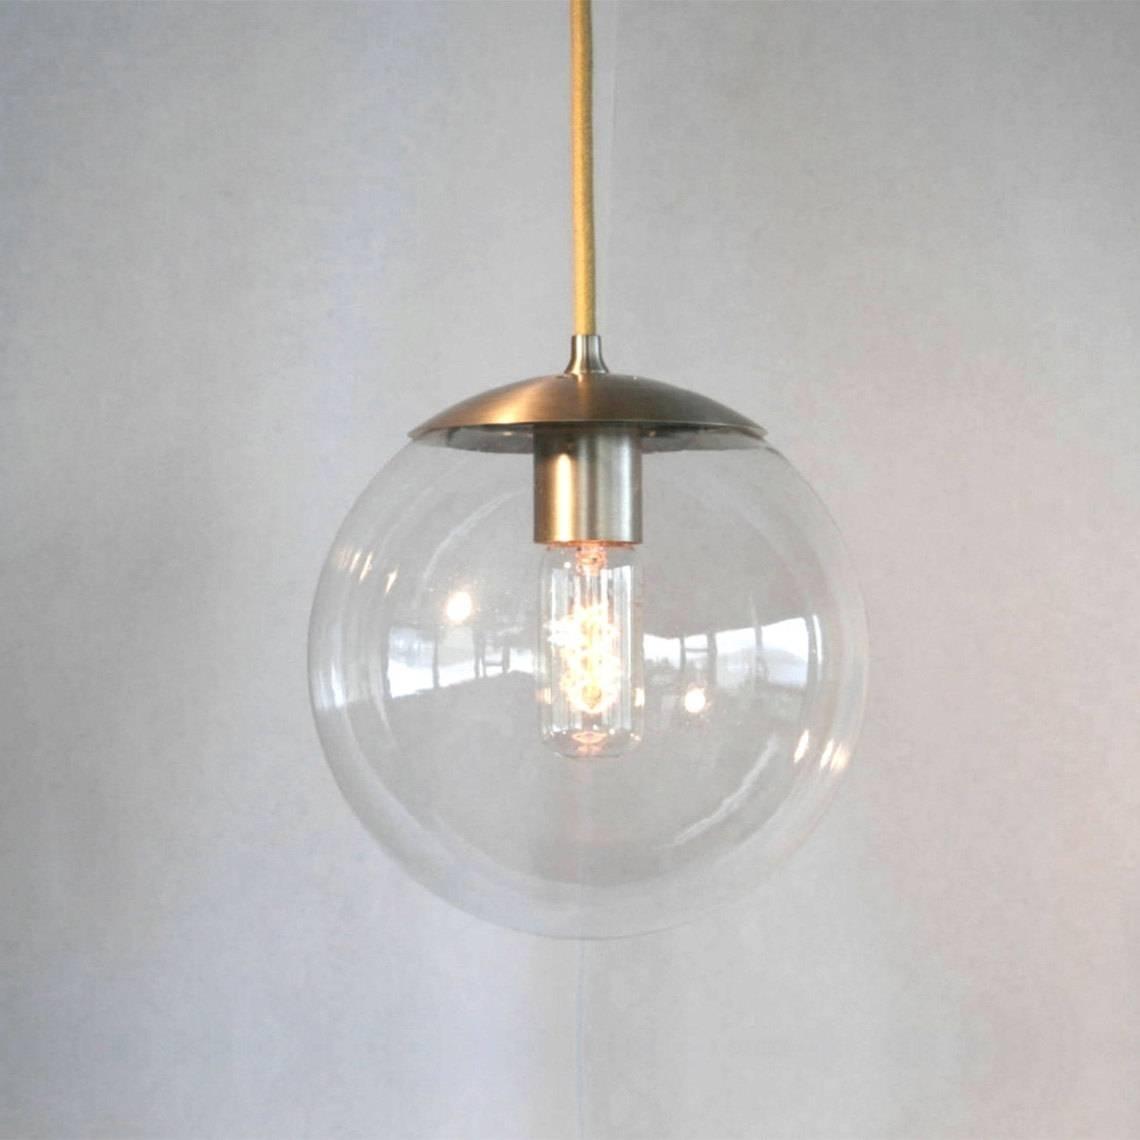 Fresh Clear Glass Globe Pendant Light 25 For Elk Lighting Pendant regarding Clear Glass Ball Pendant Lights (Image 9 of 15)